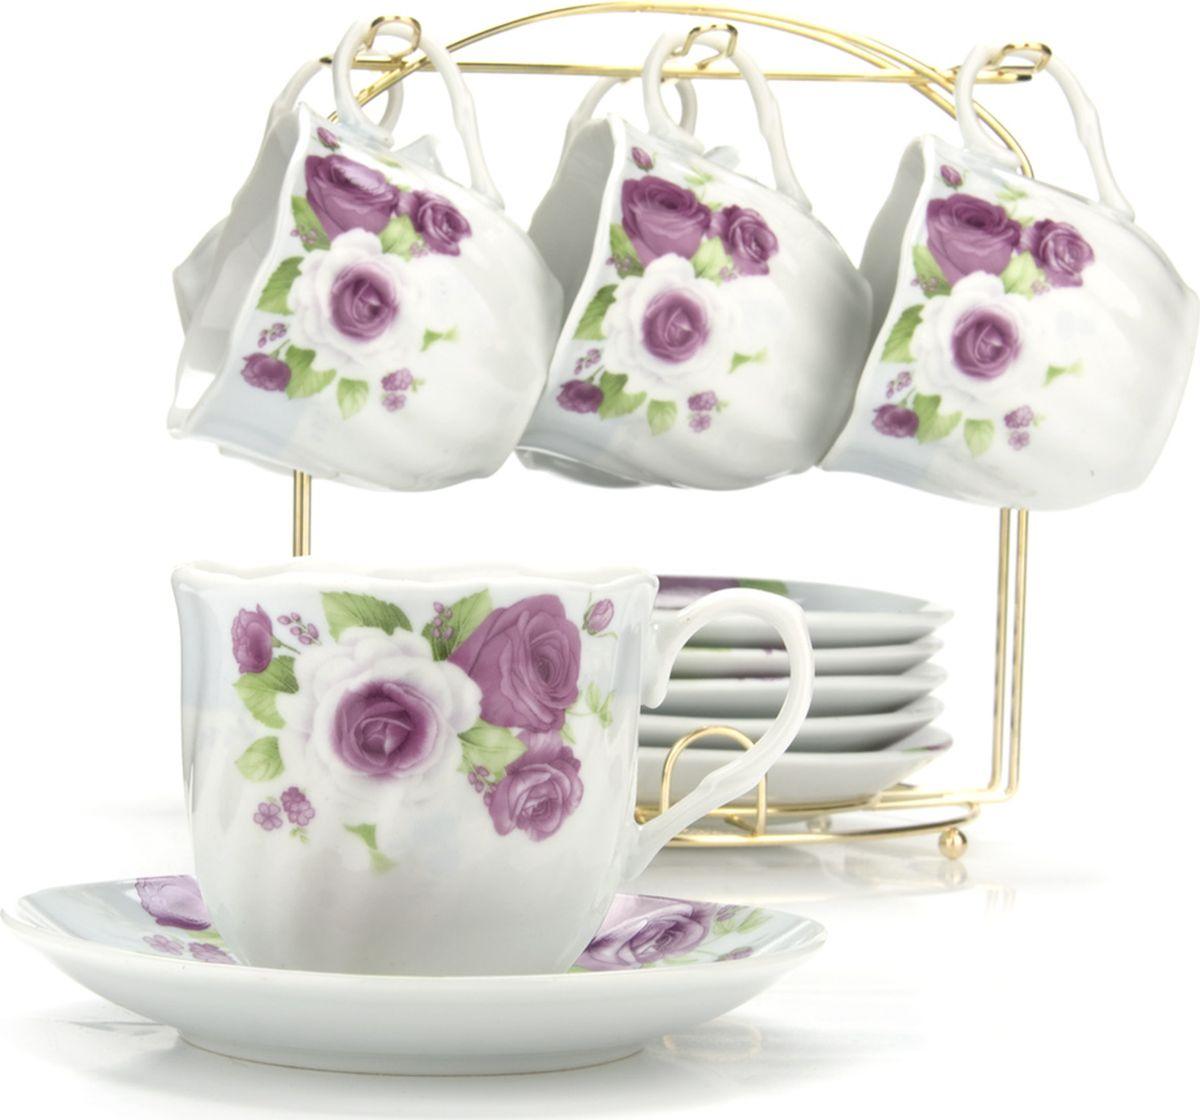 Сервиз чайный Loraine, на подставке, 13 предметов. 4328425940